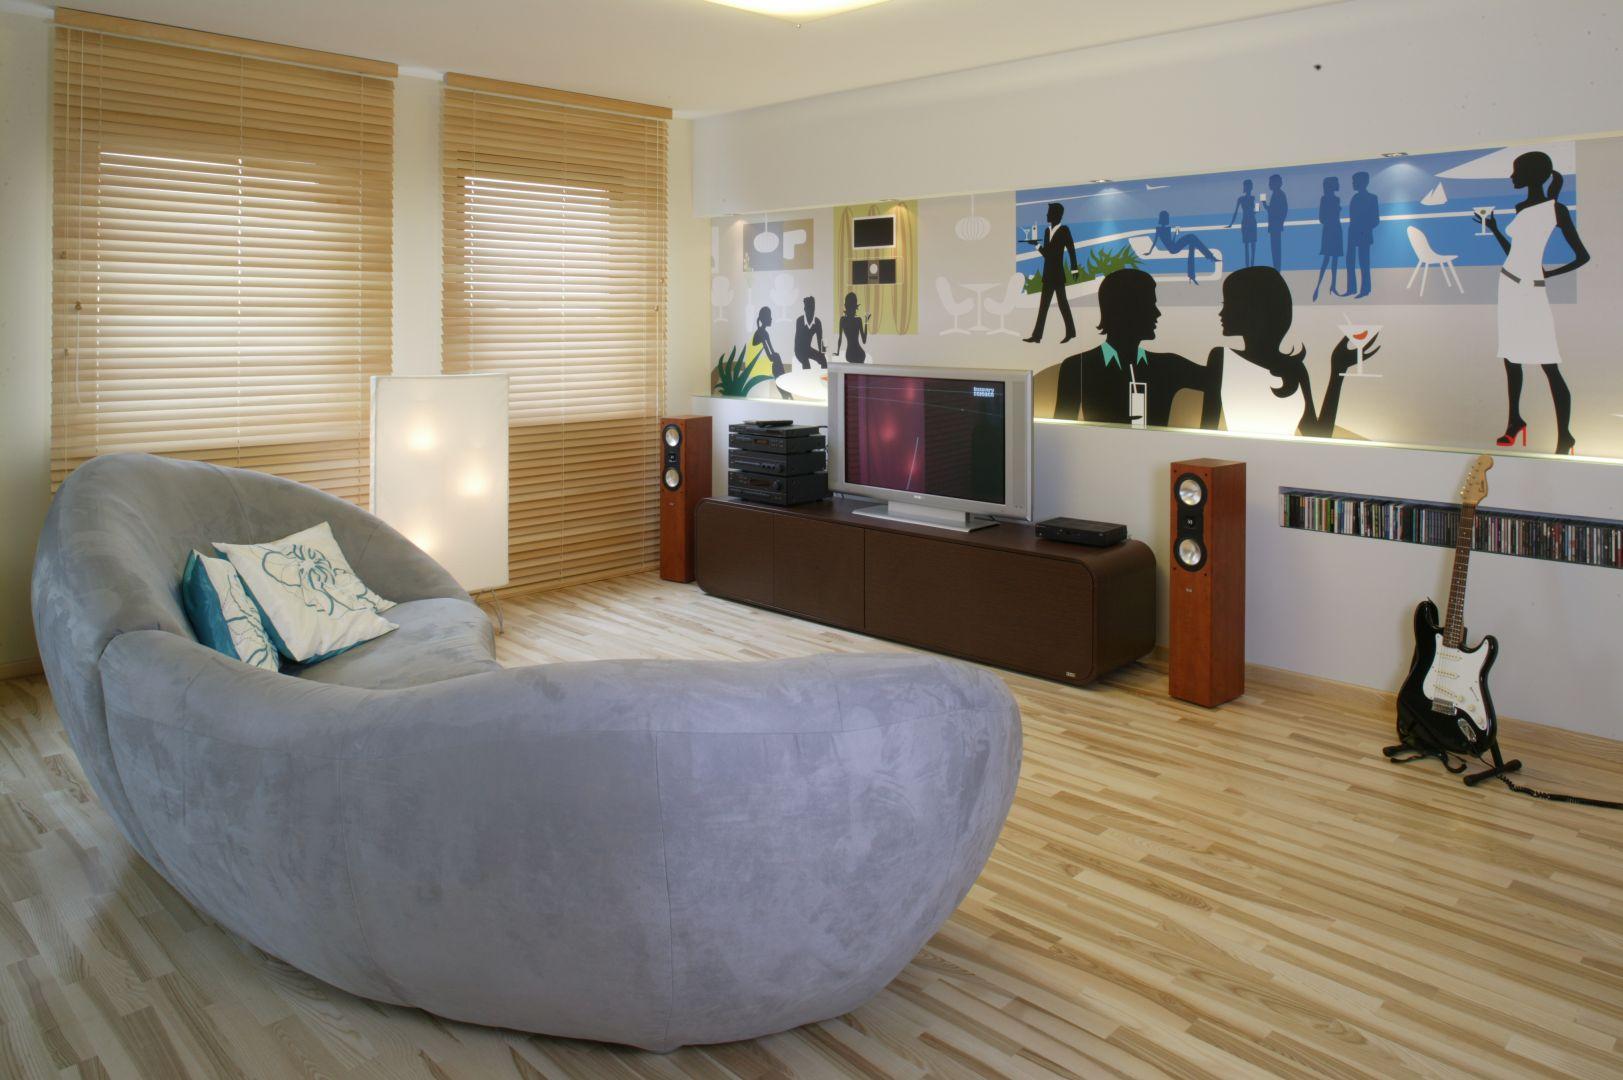 Szara sofa o opływowej formie pięknie komponuje się z oryginalną tapetą na ścianie. Projekt: Katarzyna Mikulska-Sękalska. Fot. Monika Filipiuk-Obałek